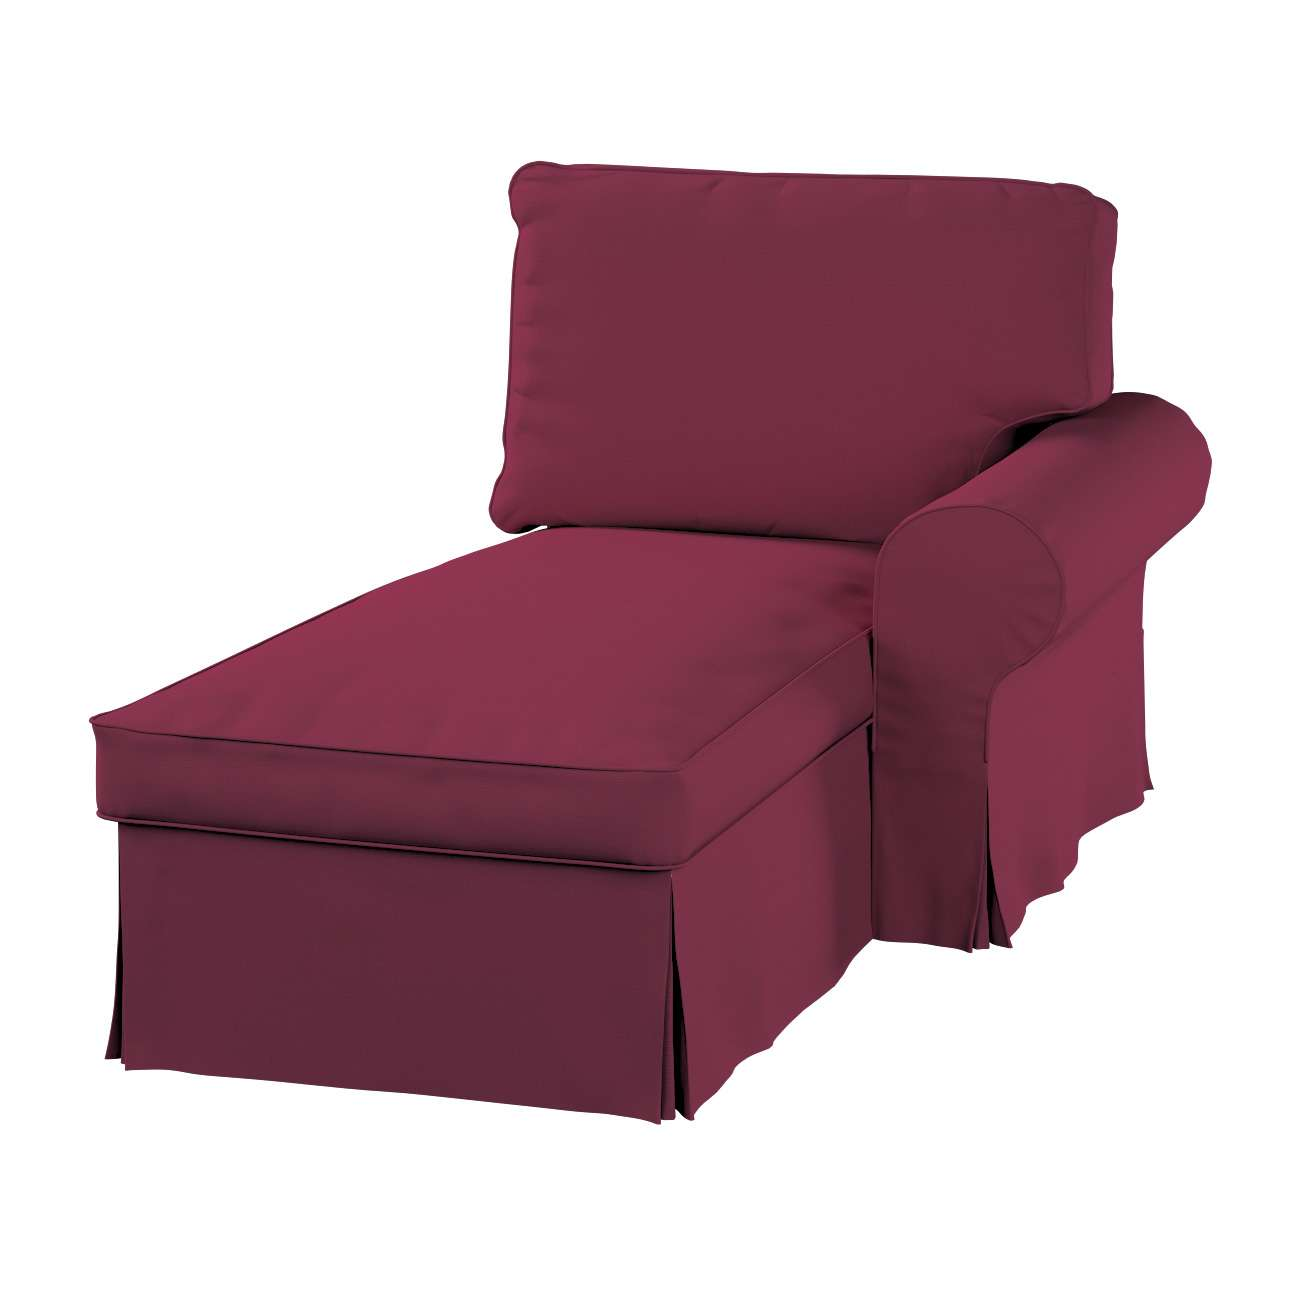 Ektorp gulimajo krėslo užvalkalas  (su porankiu, dešiniojo) Ektorp gulimojo krėslo užvalkalas su porankiu (dešiniojo) kolekcijoje Cotton Panama, audinys: 702-32